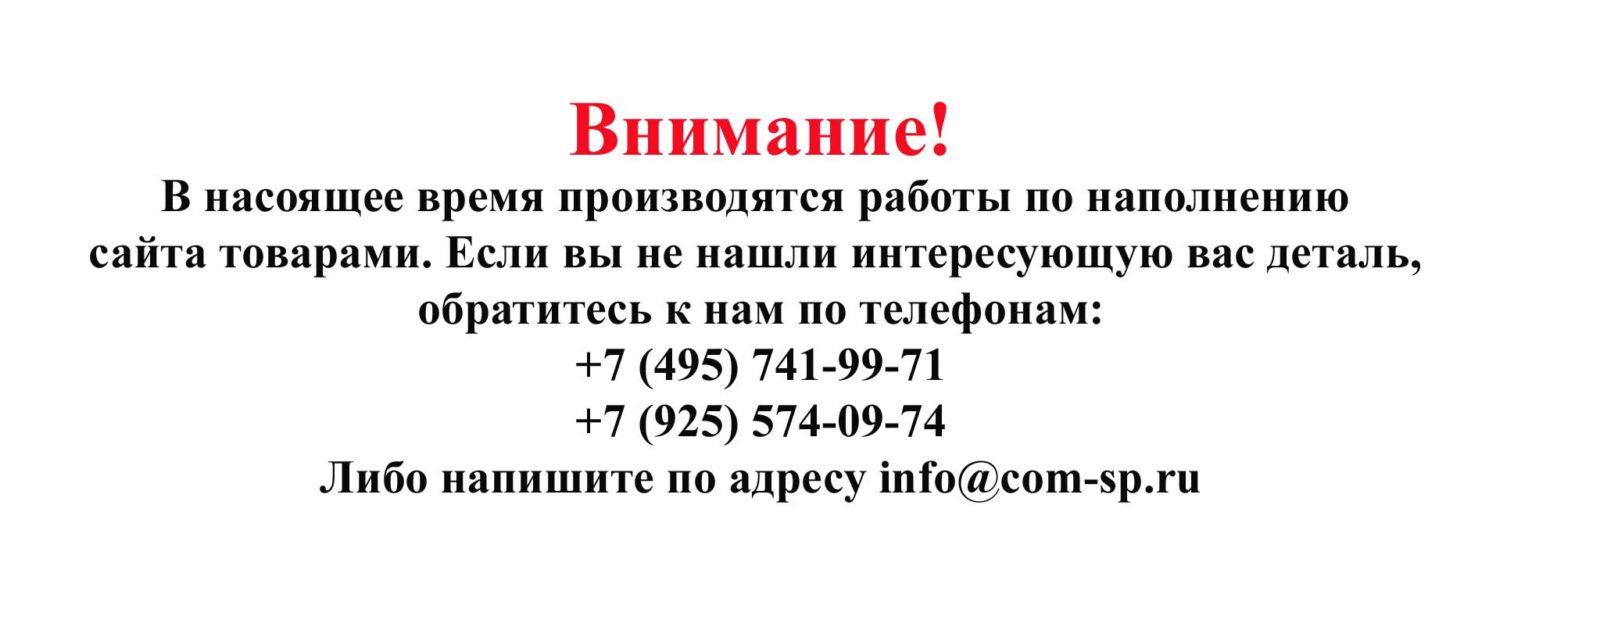 Информационное сообщение от CSP